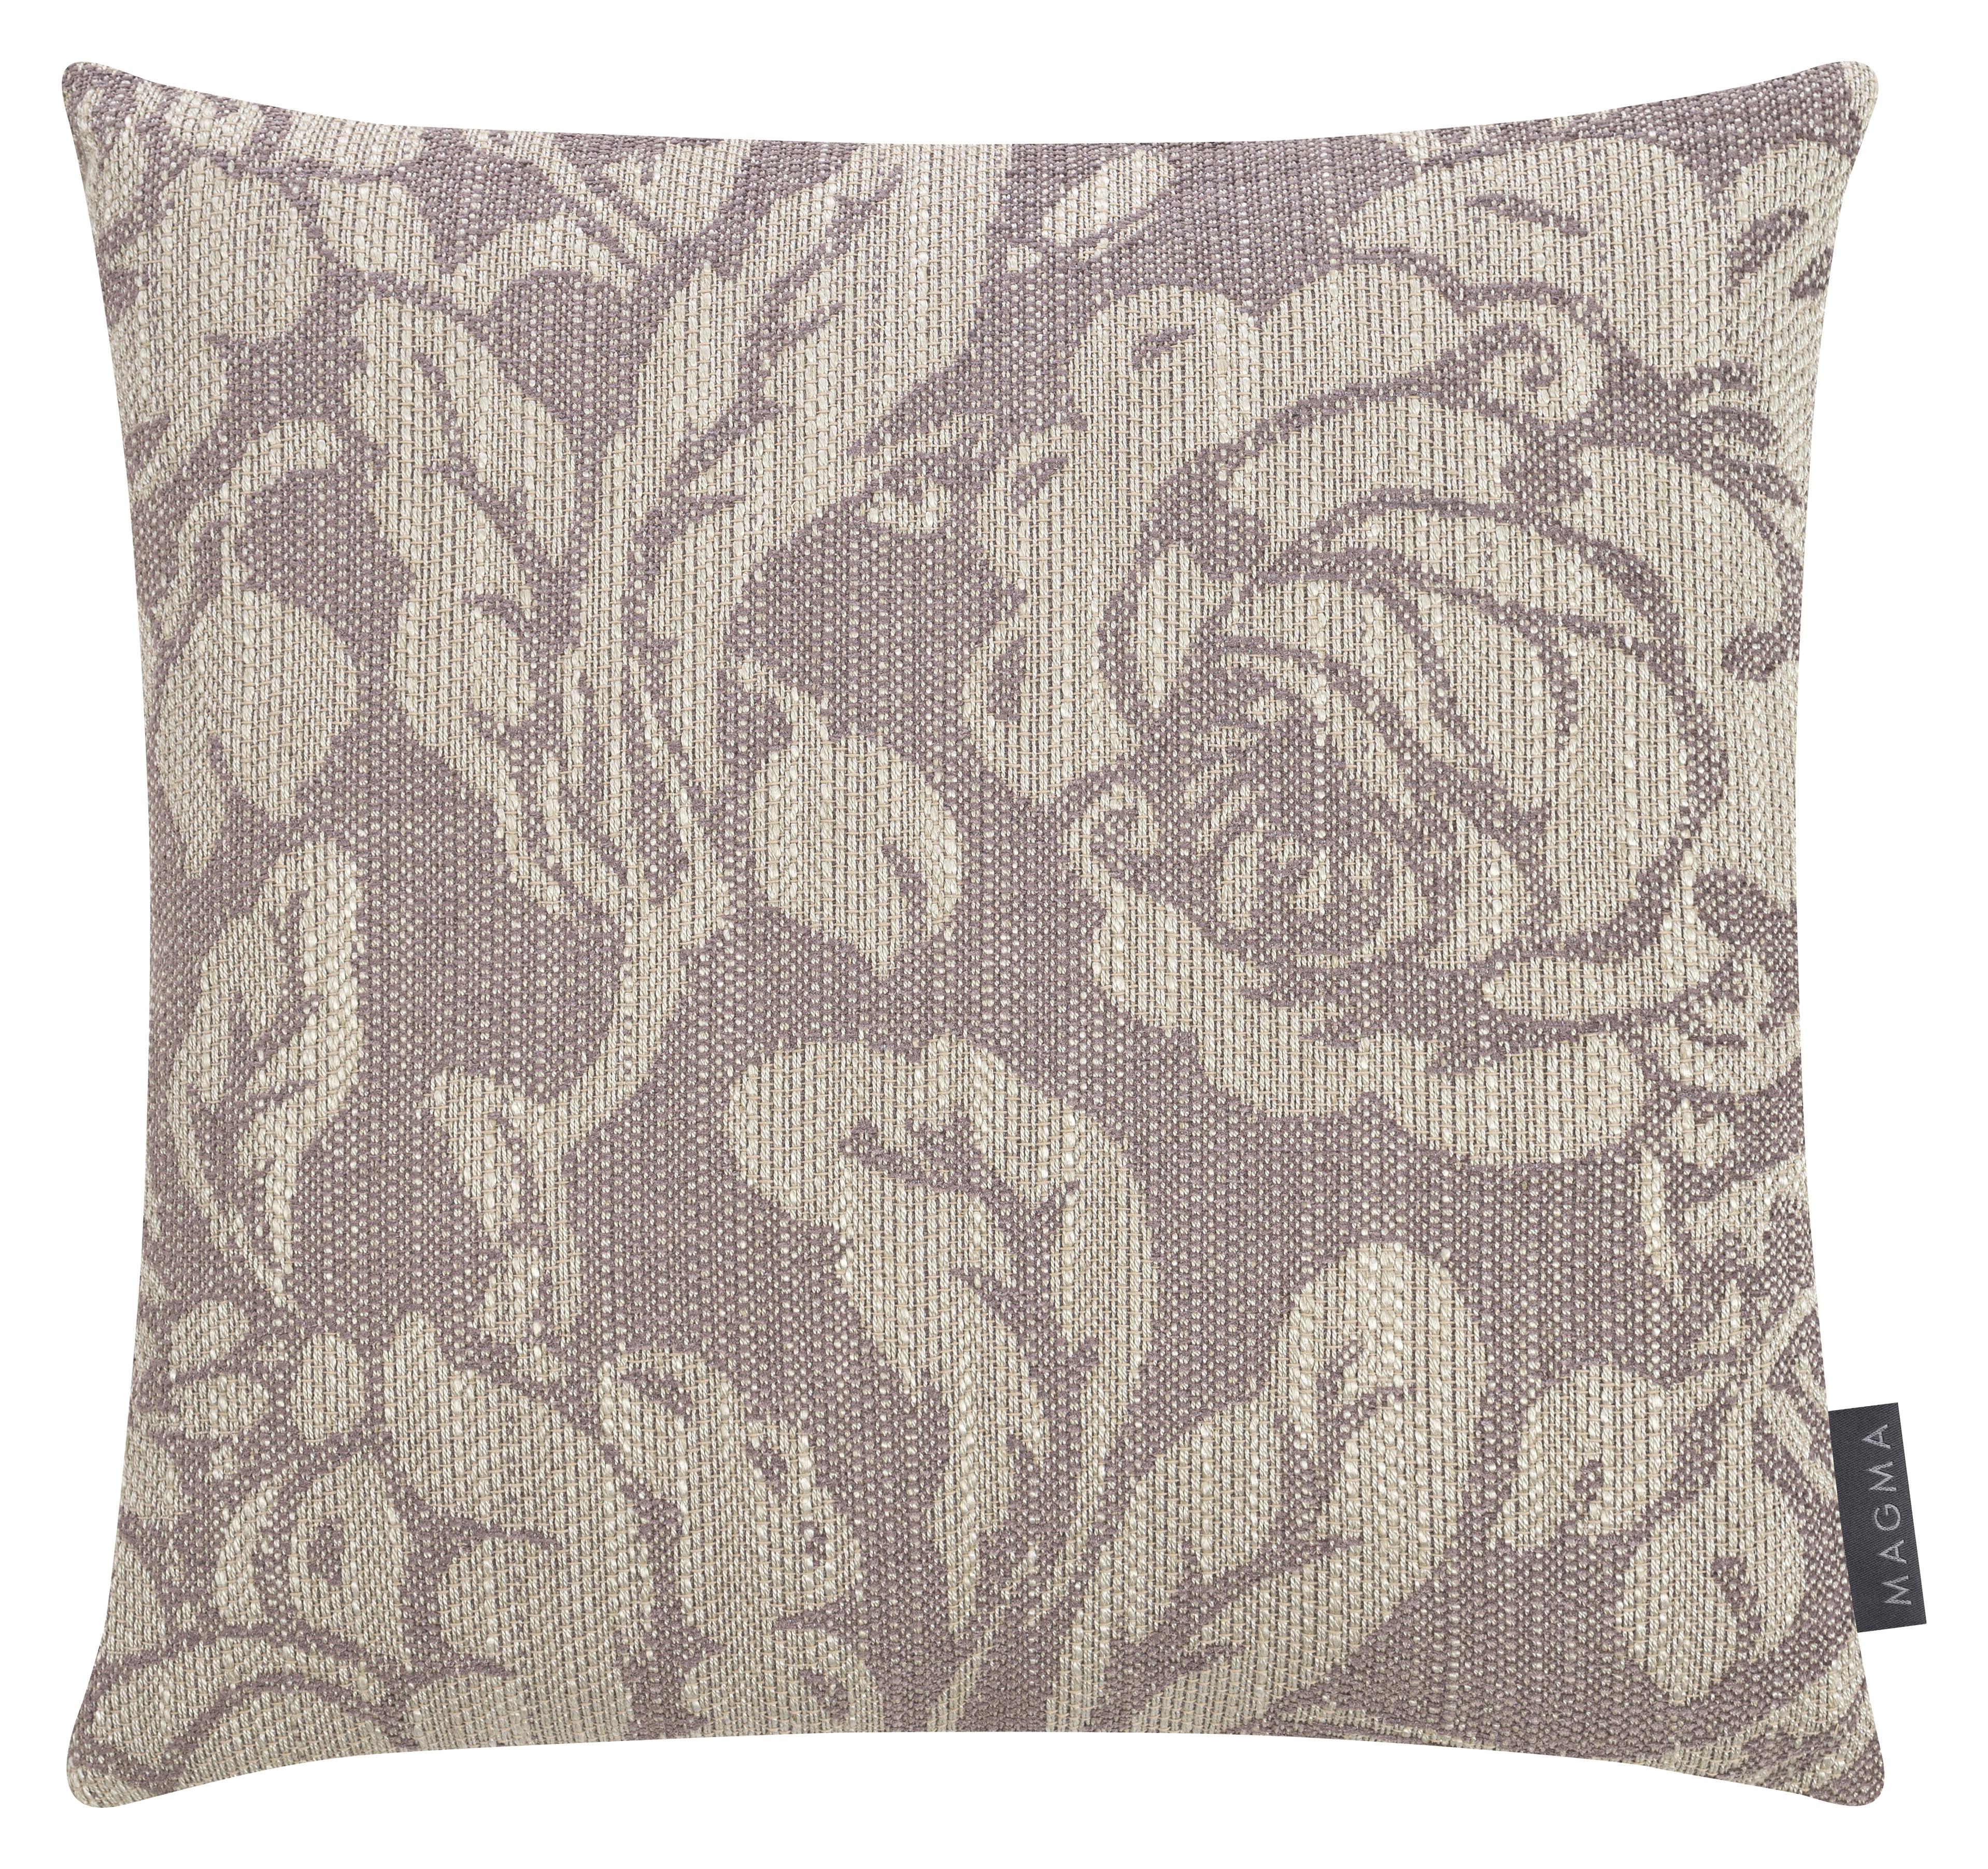 Housses de coussin jacquard motif floral mauve 40x40 -Lot de 2